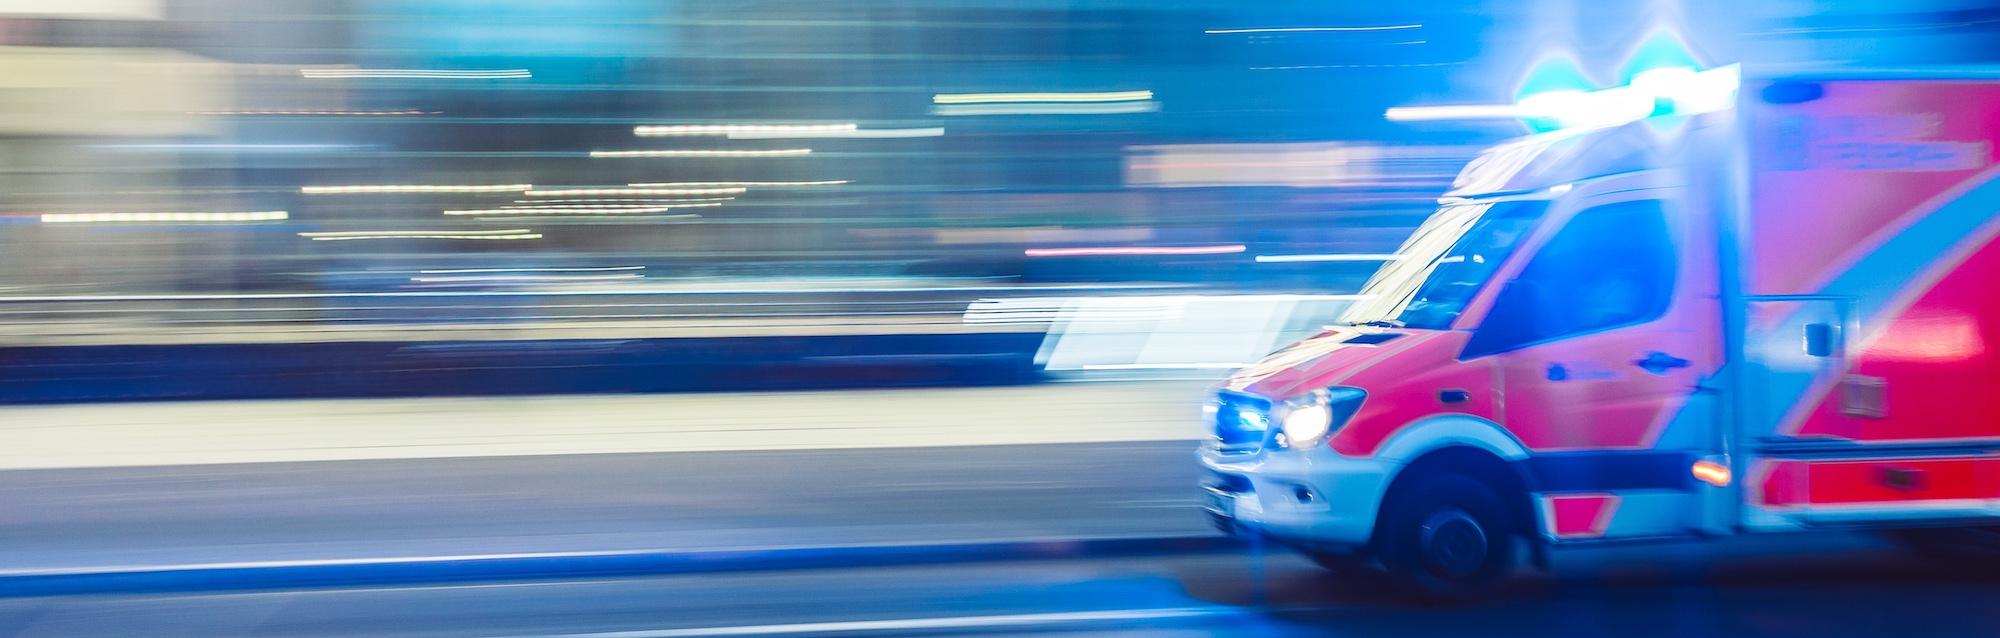 flashing ambulance drives fast on road